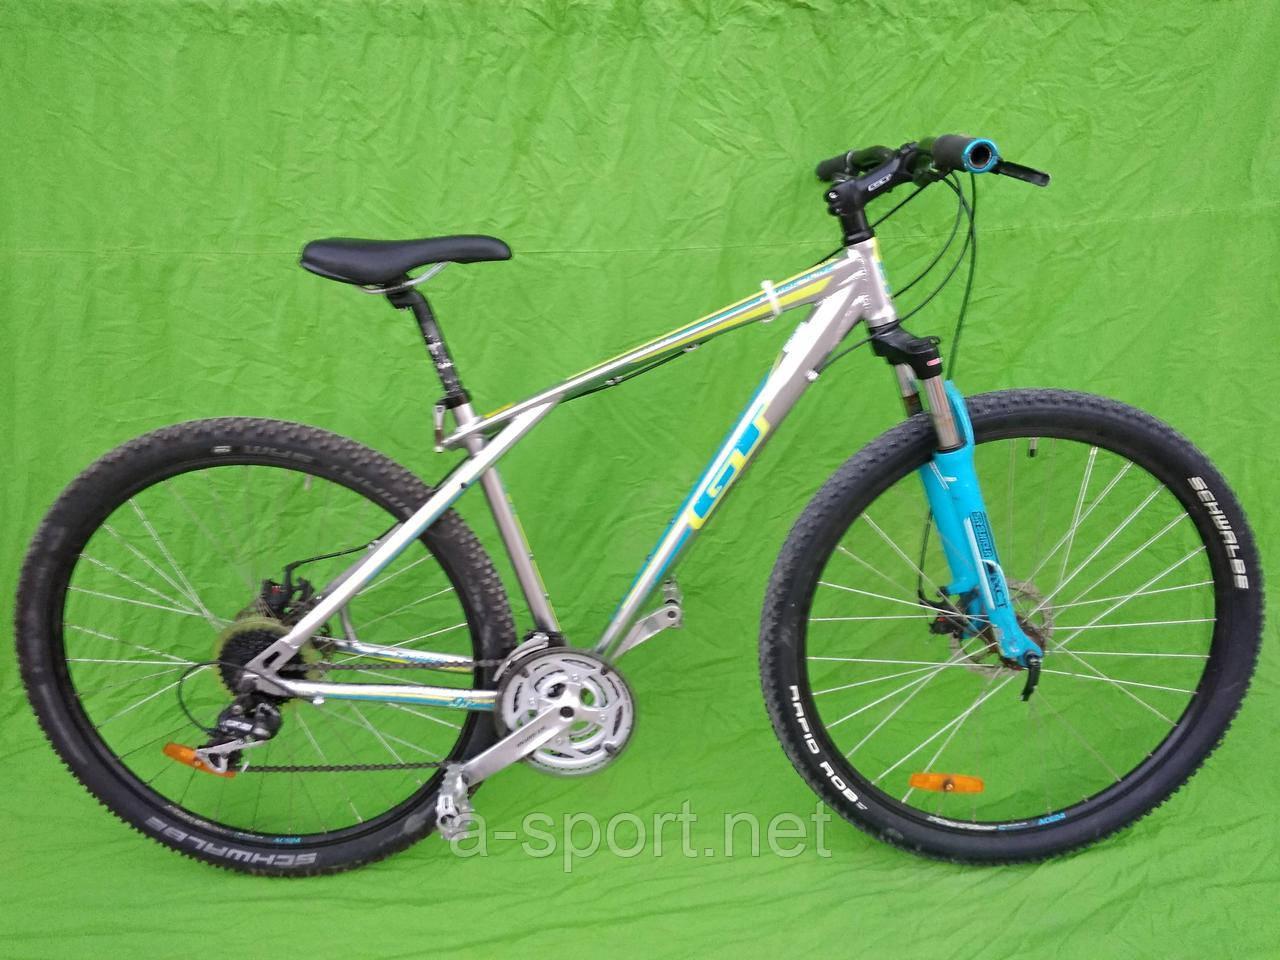 Гірський велосипед GT timberline колеса 29